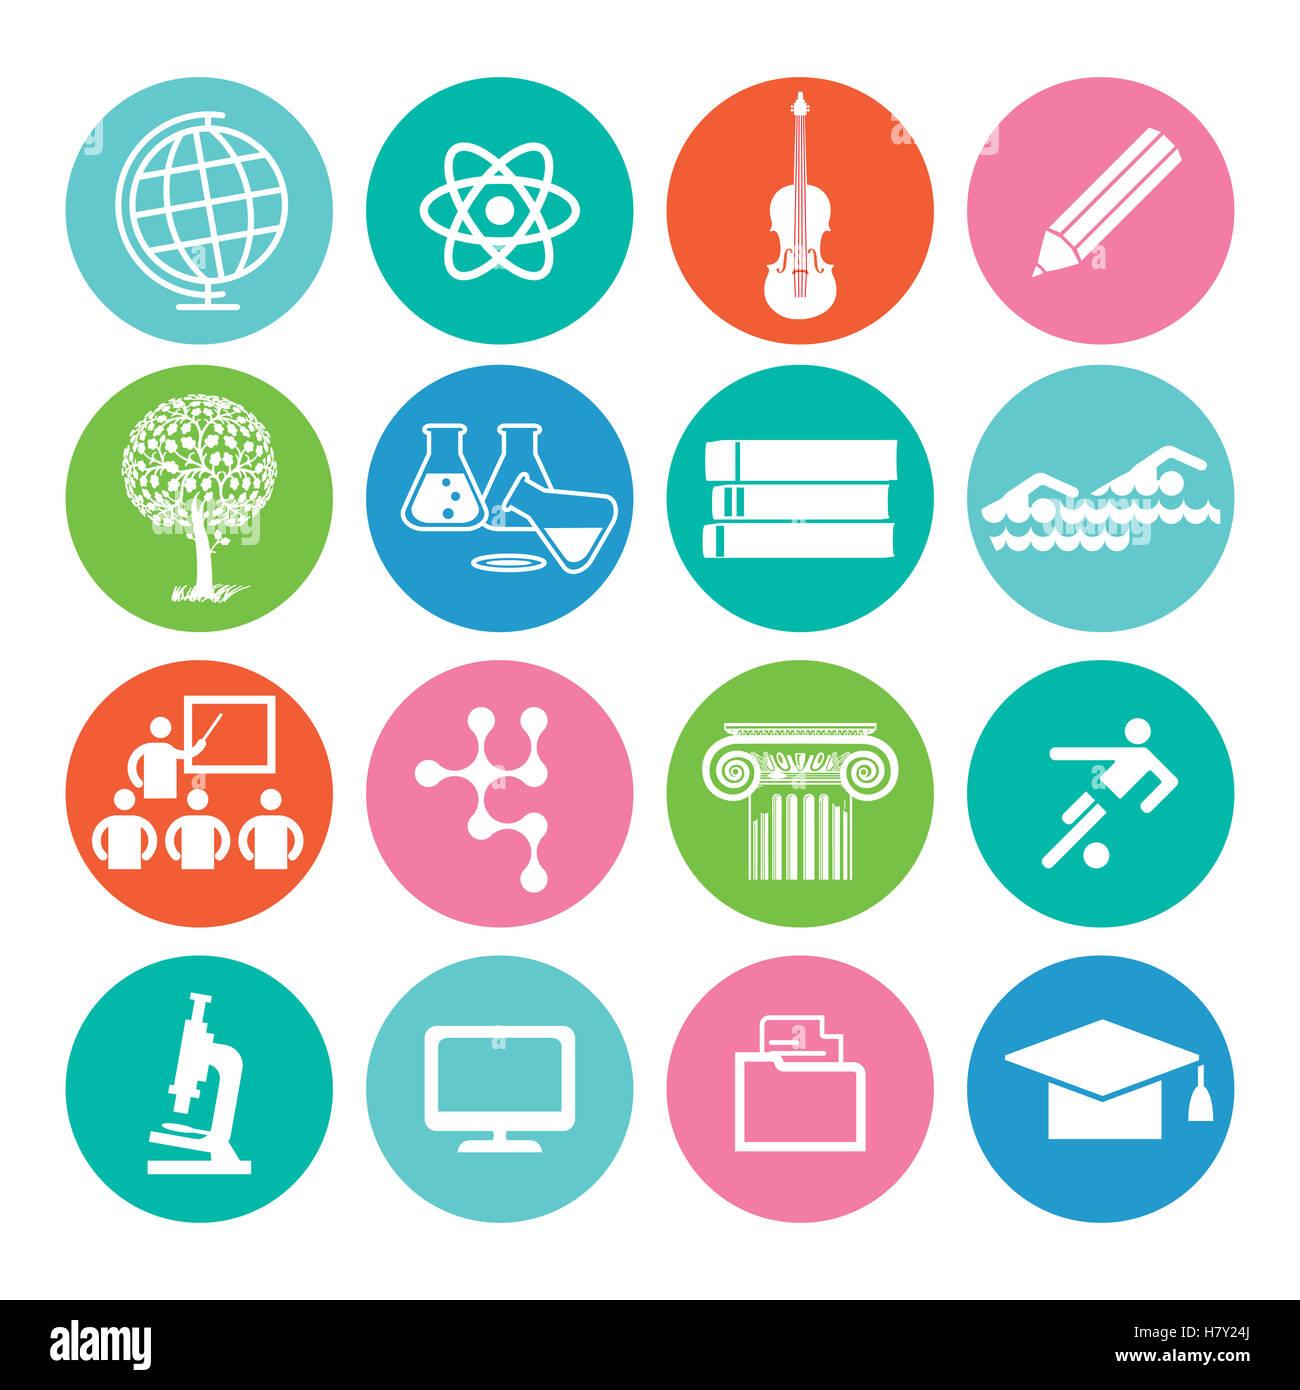 Educación y estudios icono Imagen De Stock